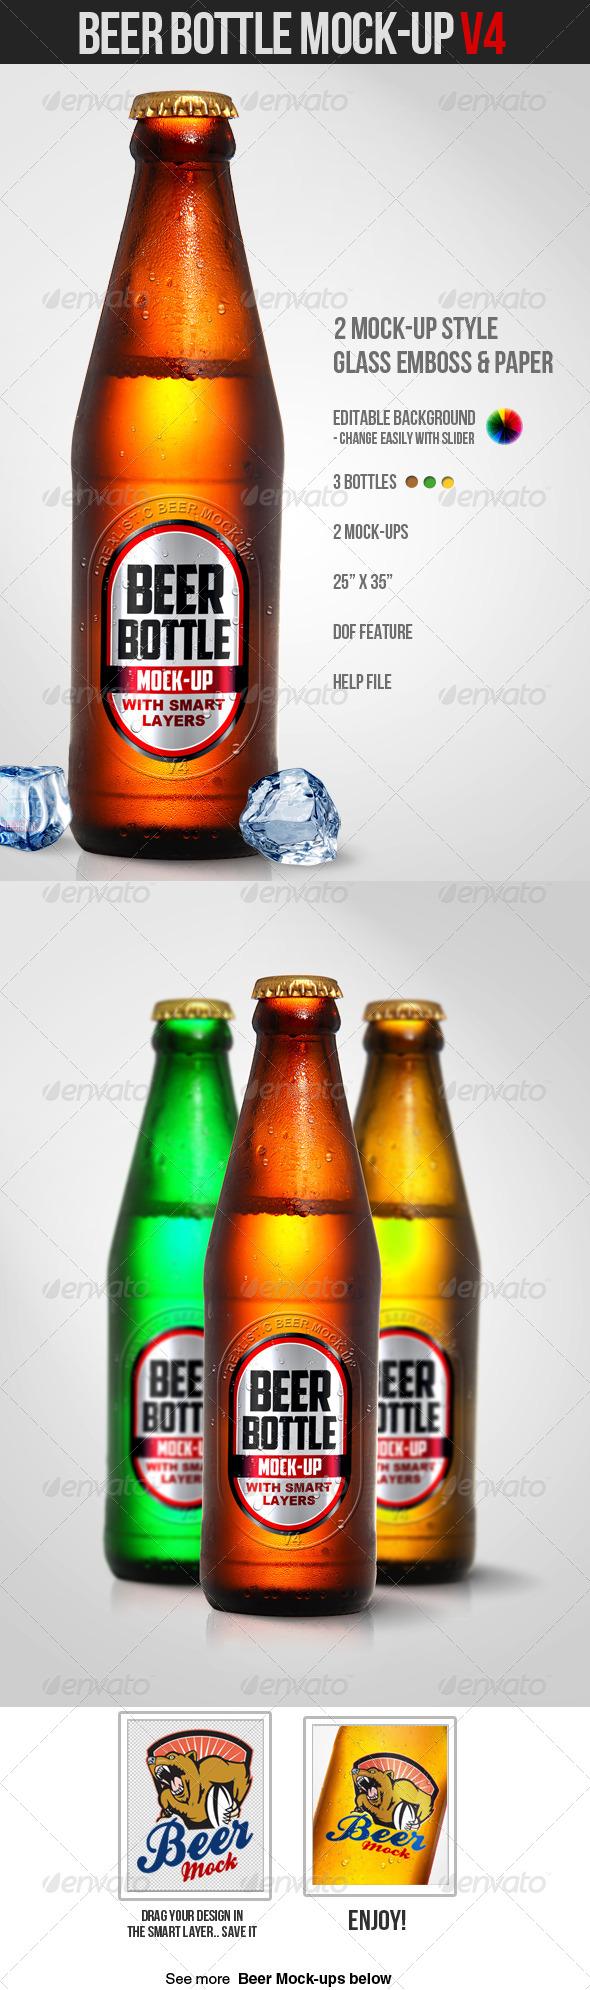 Beer Bottle Mock-Up V4 - Product Mock-Ups Graphics